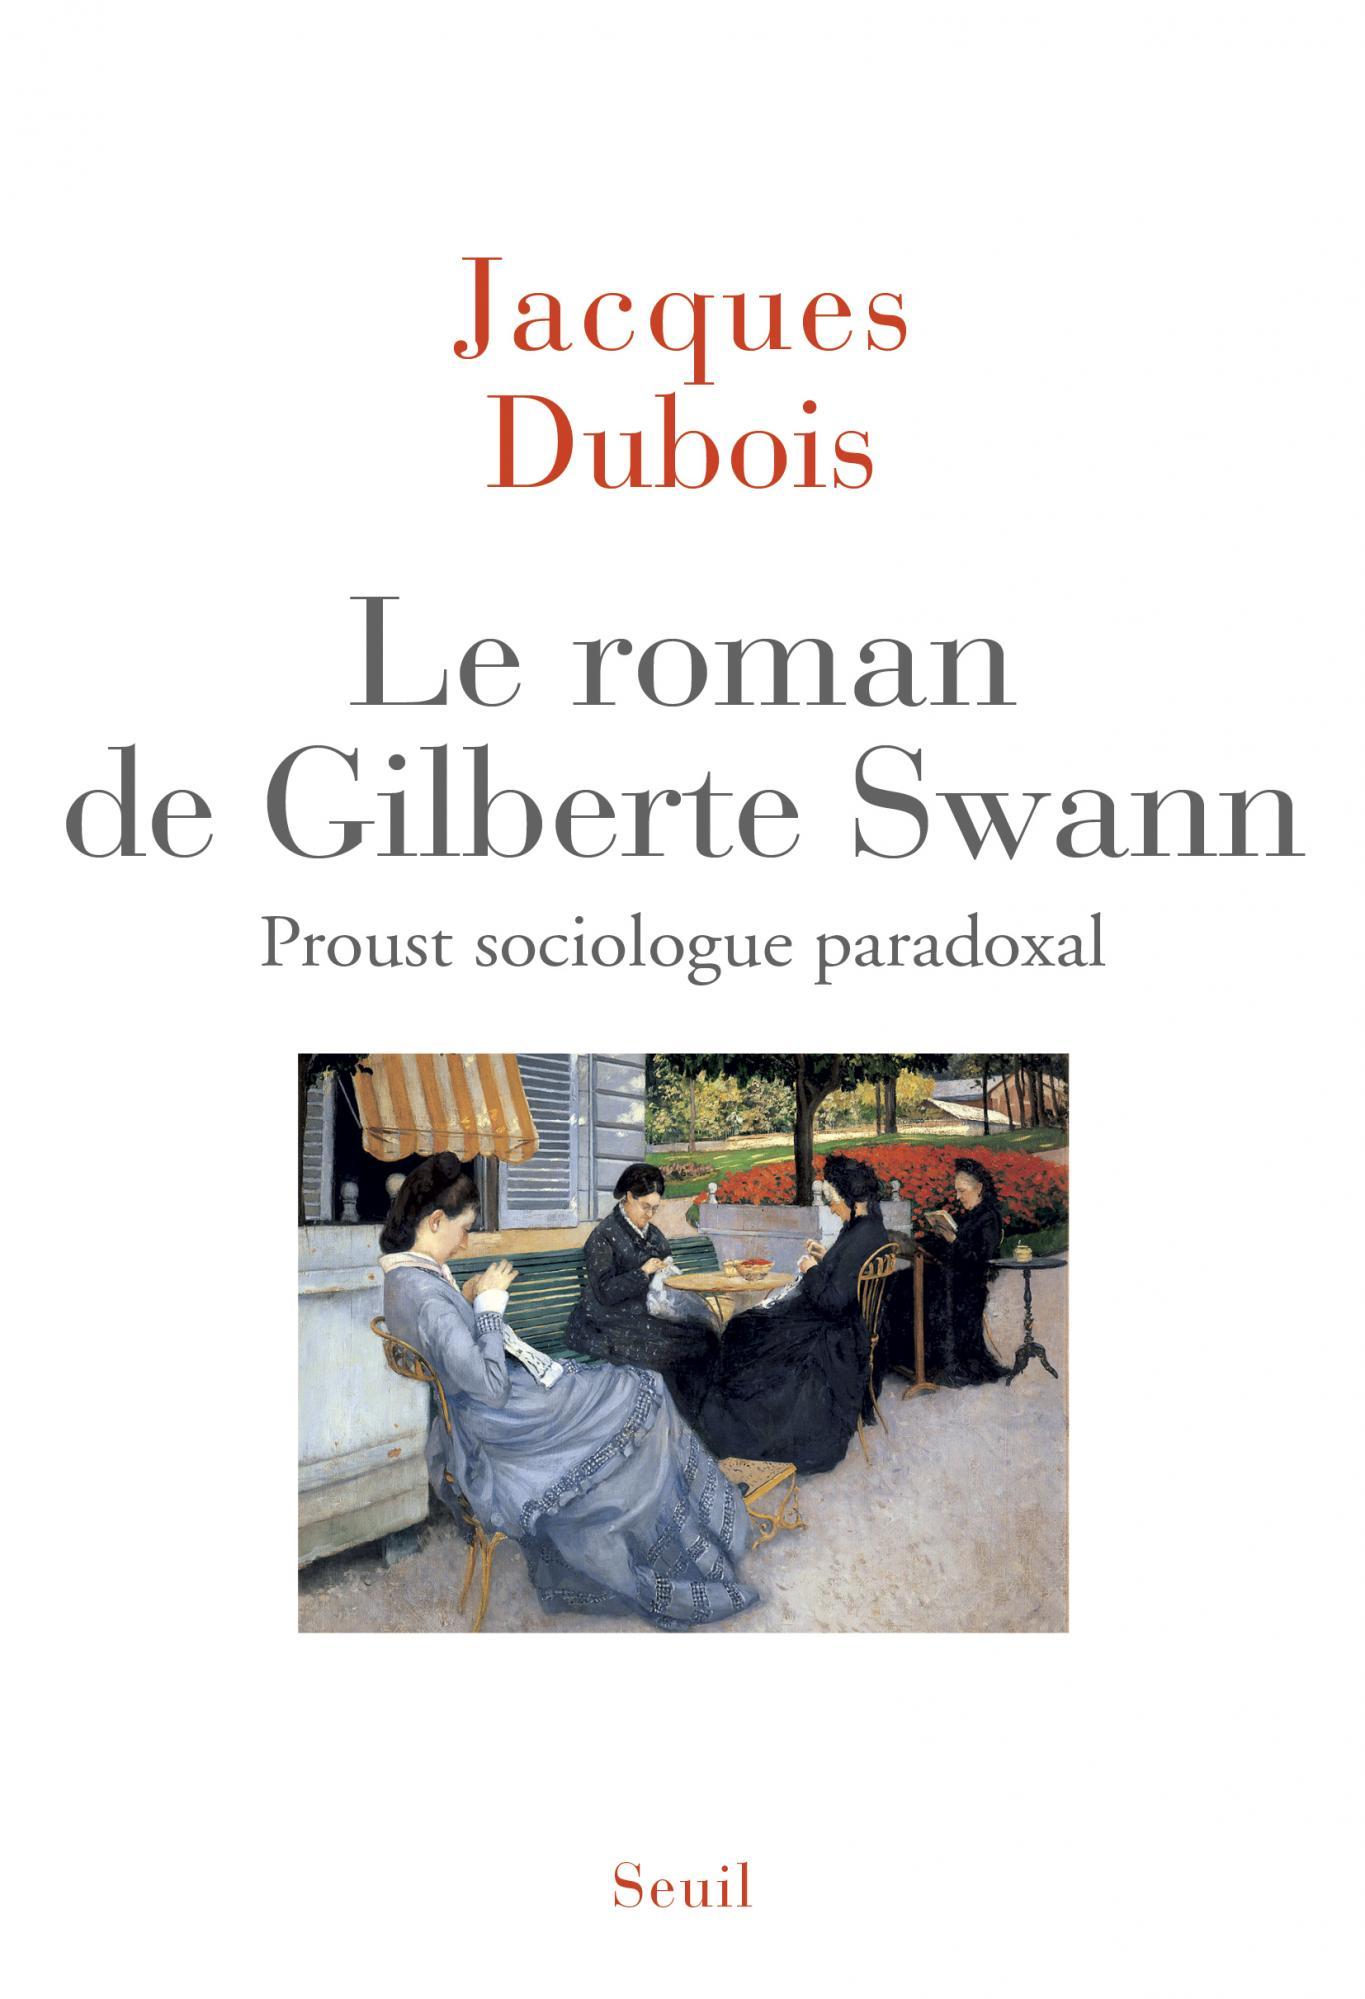 J. Dubois, Le Roman de Gilberte Swann. Proust sociologue paradoxal